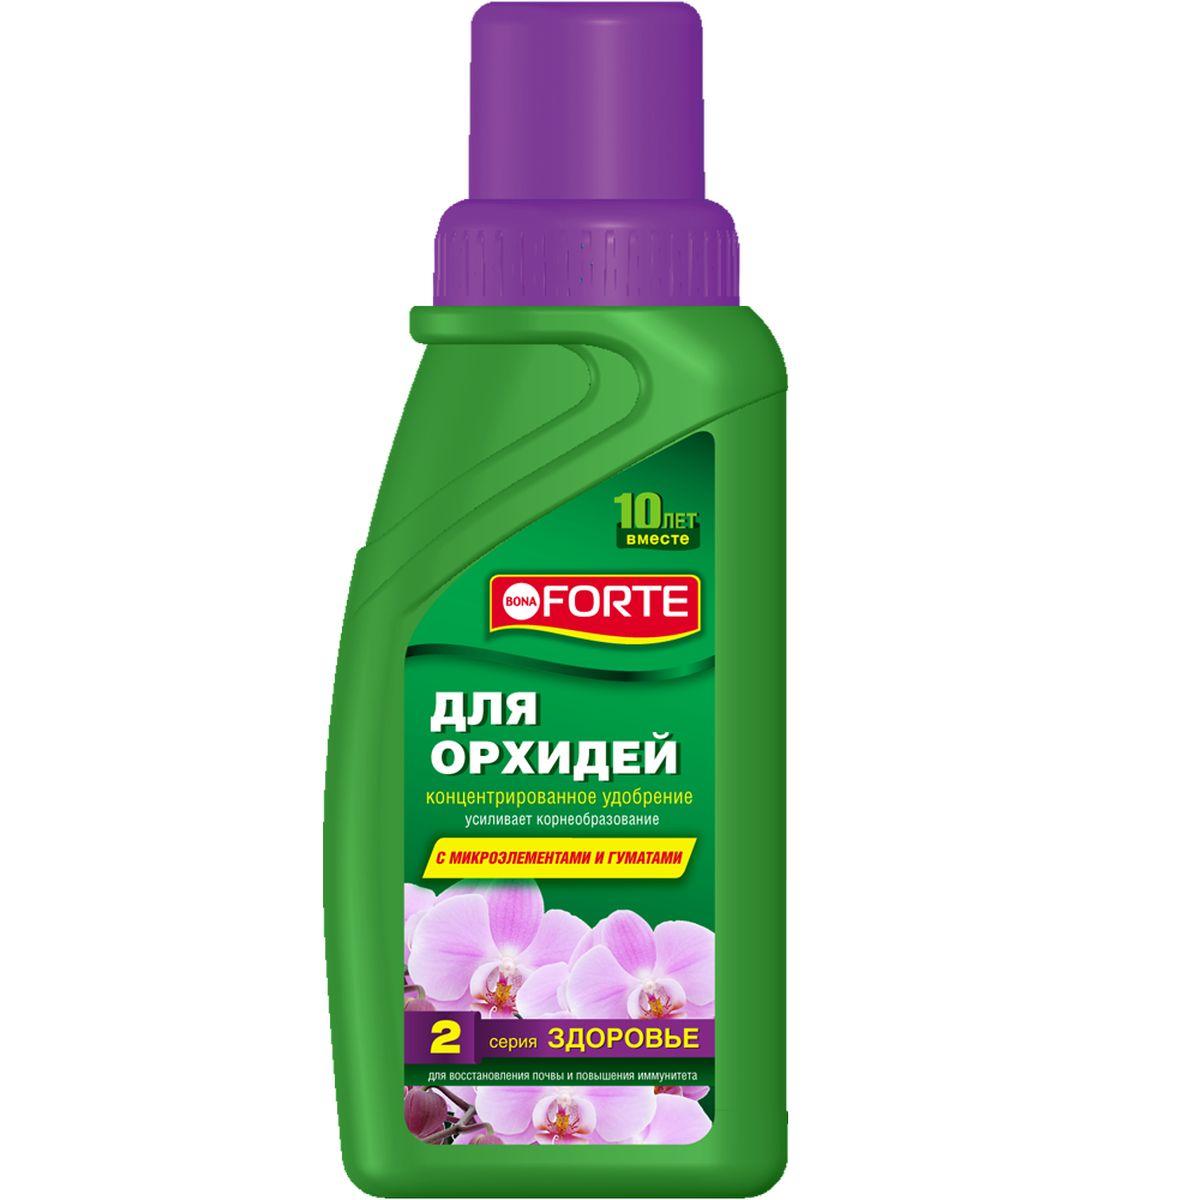 Жидкое комплексное удобрение Bona Forte, для орхидей, 285 мл391602Предназначено для сбалансированного питания, пышного и продолжительного цветения, способствует образованию сильных цветков, а также повышает иммунитет орхидей.Содержит полный комплекс веществ, необходимых для полноценного и сбалансированного питания растений: высокая доля (13,5 %) основных элементов (NPK), обеспечивающих усиленное питание для растений; высокая доля (1,3 %) мезоэлемента (Mg), усиливающего процесс фотосинтеза; комплекс основных микроэлементов в хелатной форме, что способствует полному их усвоению и пролонгированному действию; комплекс витаминов для поддержания и укрепления иммунной системы растений; регулятор роста для стимулирования роста растений.